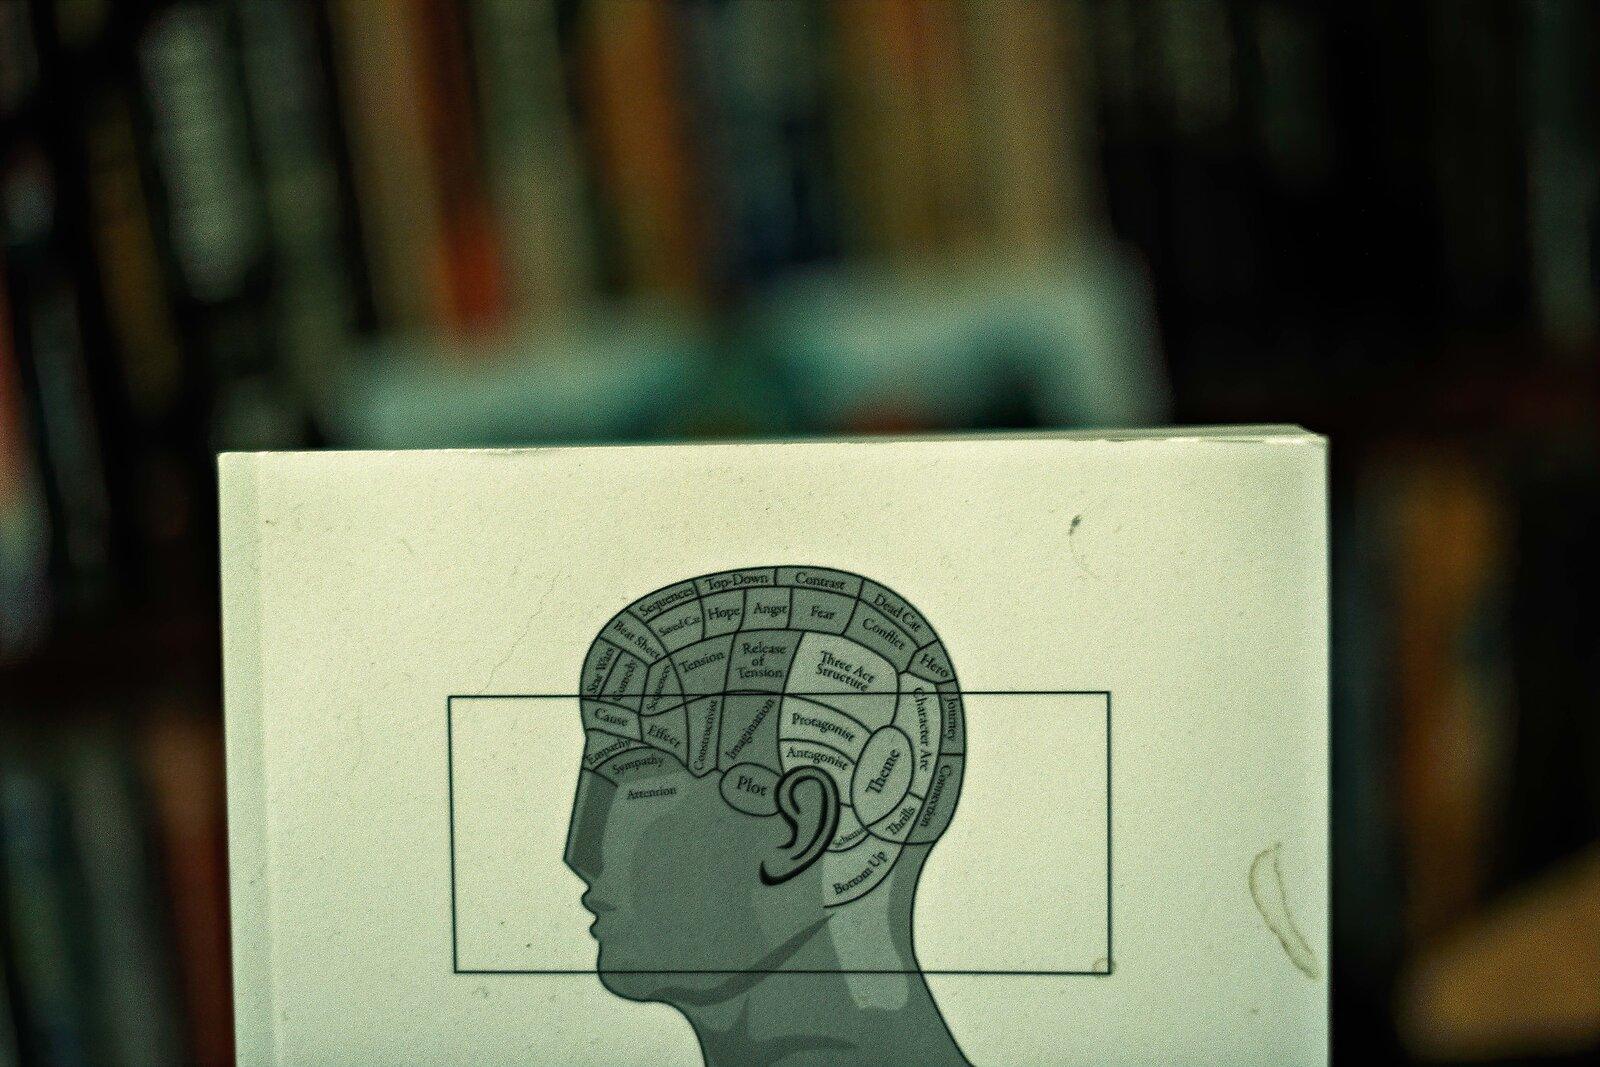 XPro3_July13_21_brain_book.jpg